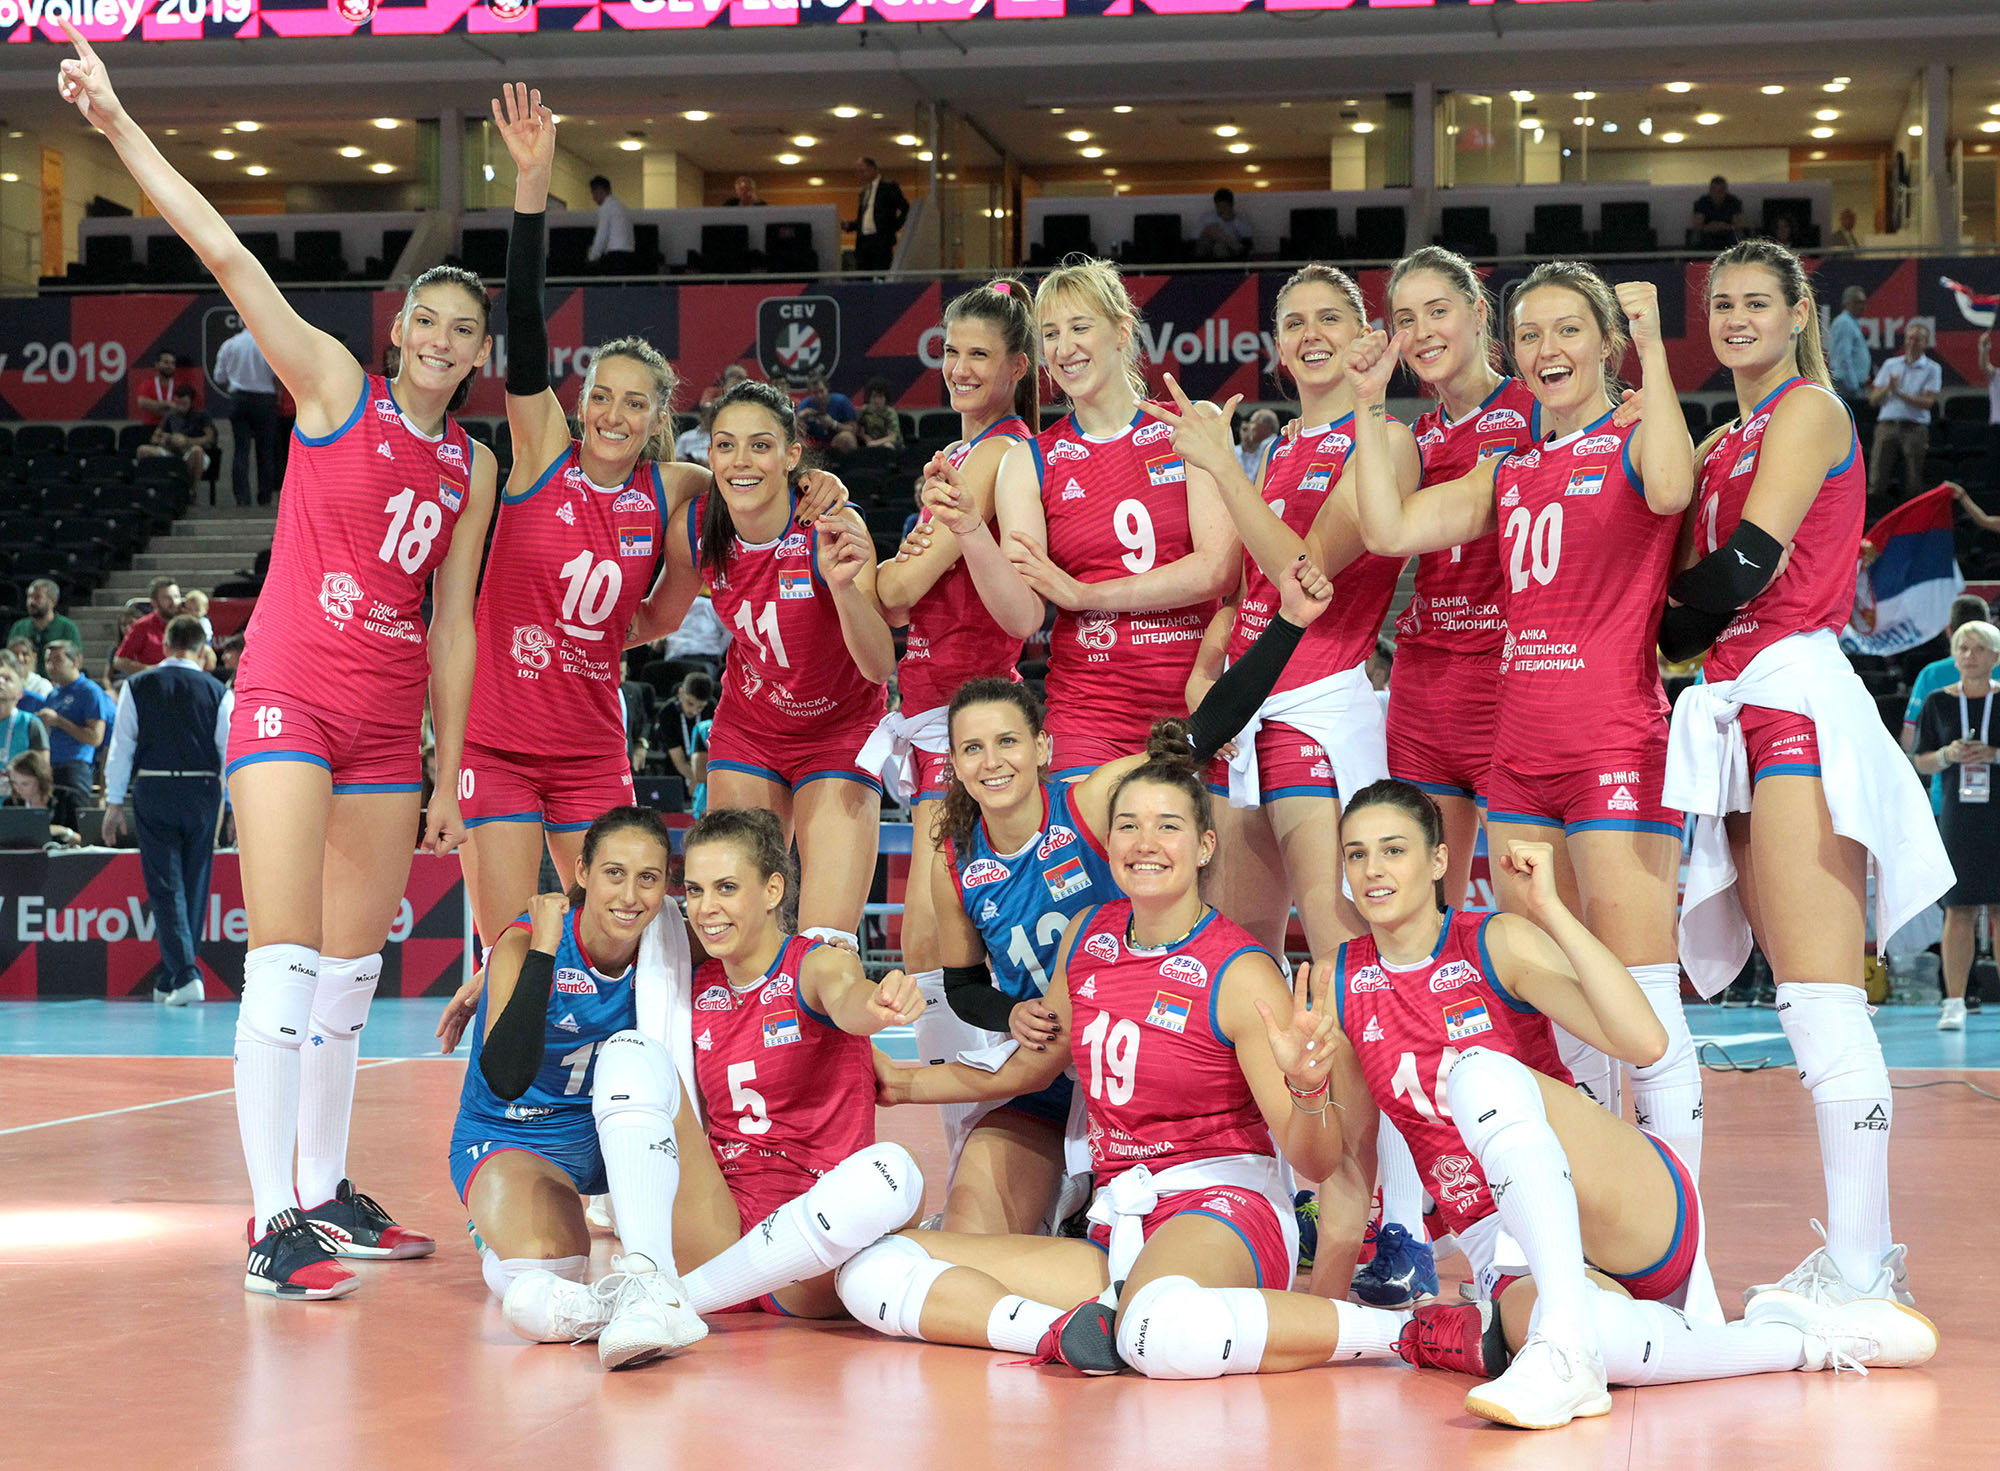 Србија у финалу Европског првенства!